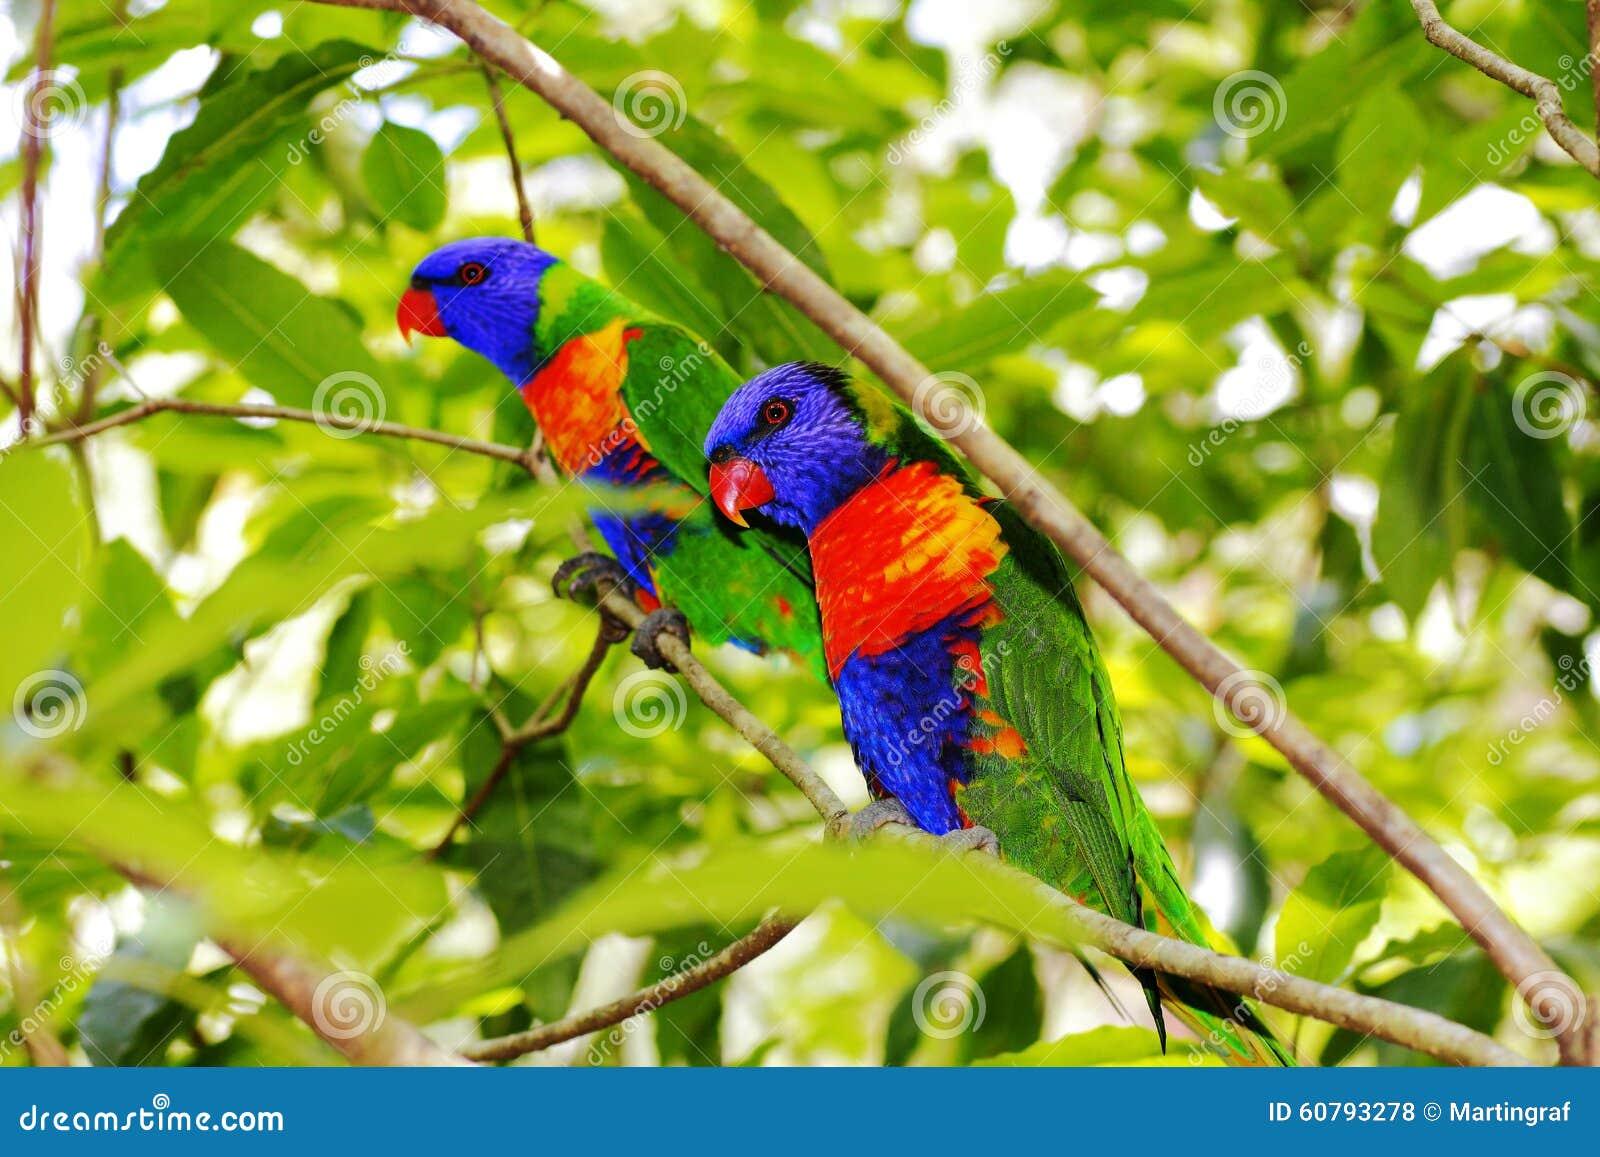 Kleurrijke vogels in groene bladeren